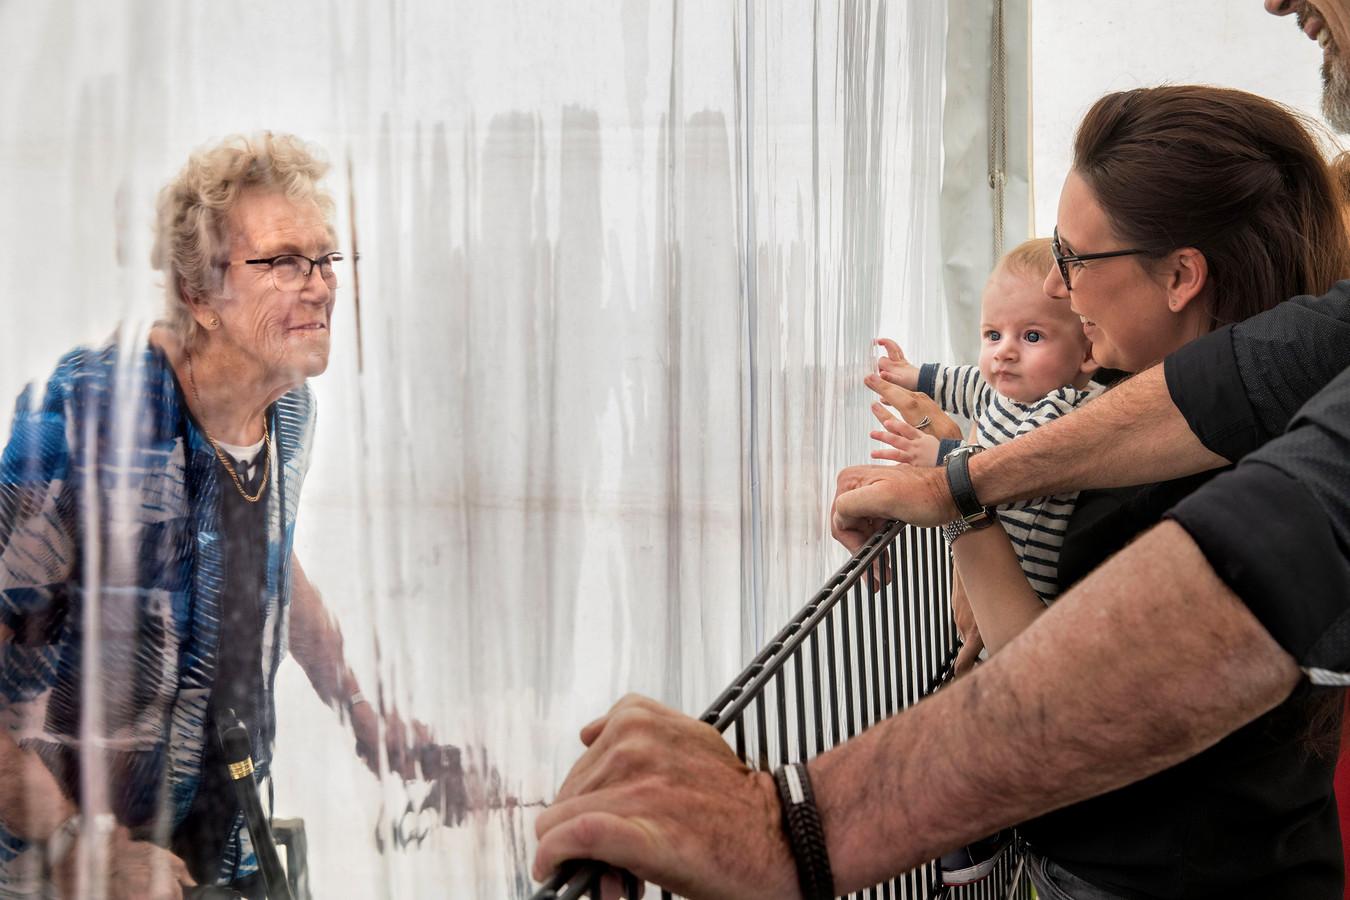 Maart 2020: Corona treft verpleeghuis Hof van Nassau in Steenbergen. De 92-jarige Naantje Koevoets ziet haar familie in de 'kletstent', onderling gescheiden via plastic zeil. Het was de laatste keer dat Mario Koevoets zijn moeder nog bewust zag. In mei moest de familie afscheid van haar nemen. Naantje overleed aan corona.